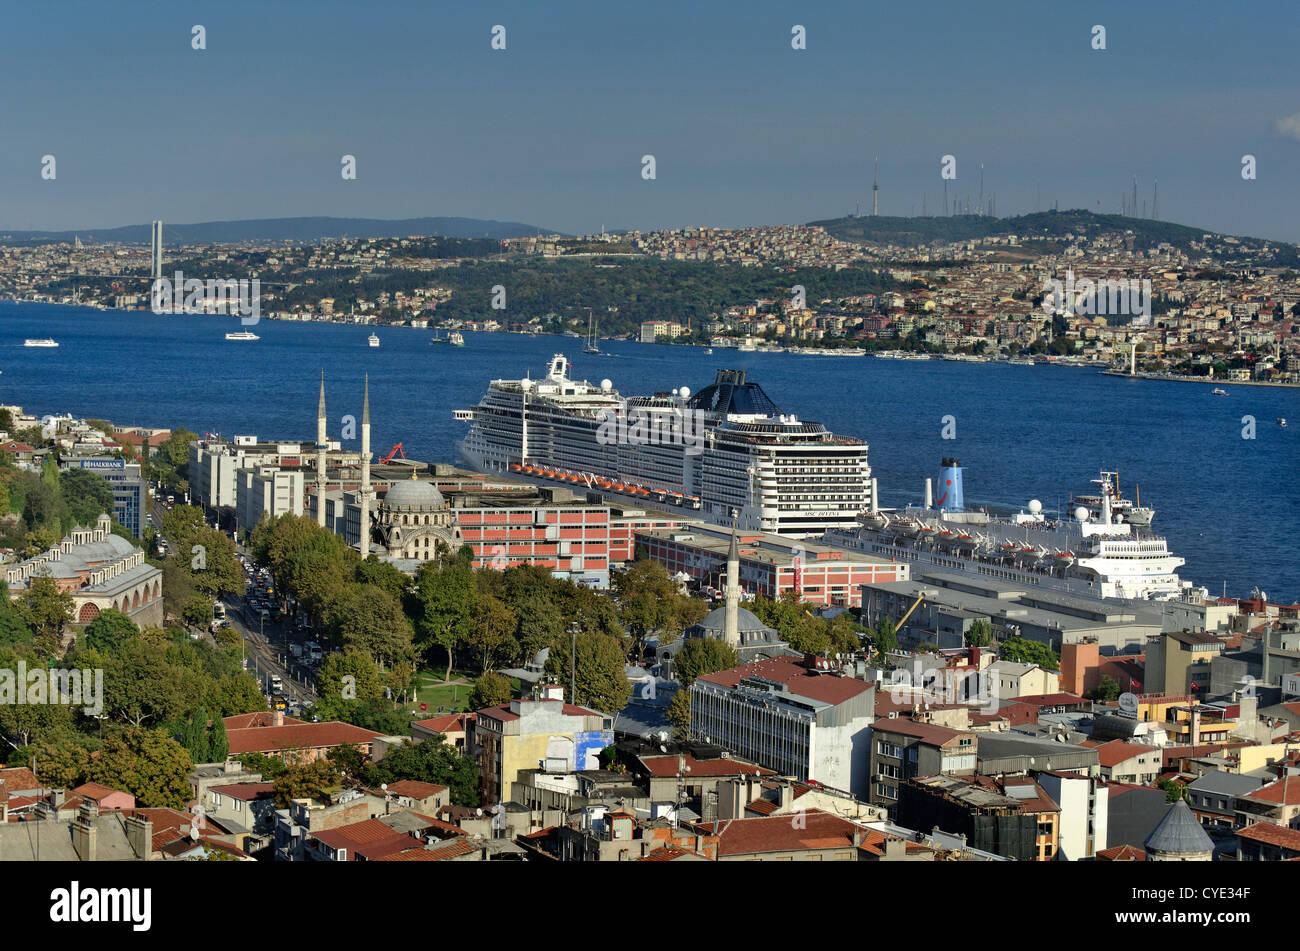 Bosphorus and Istanbul Cruise Port, Galata, Europe shore, Istanbul, Turkey - Stock Image